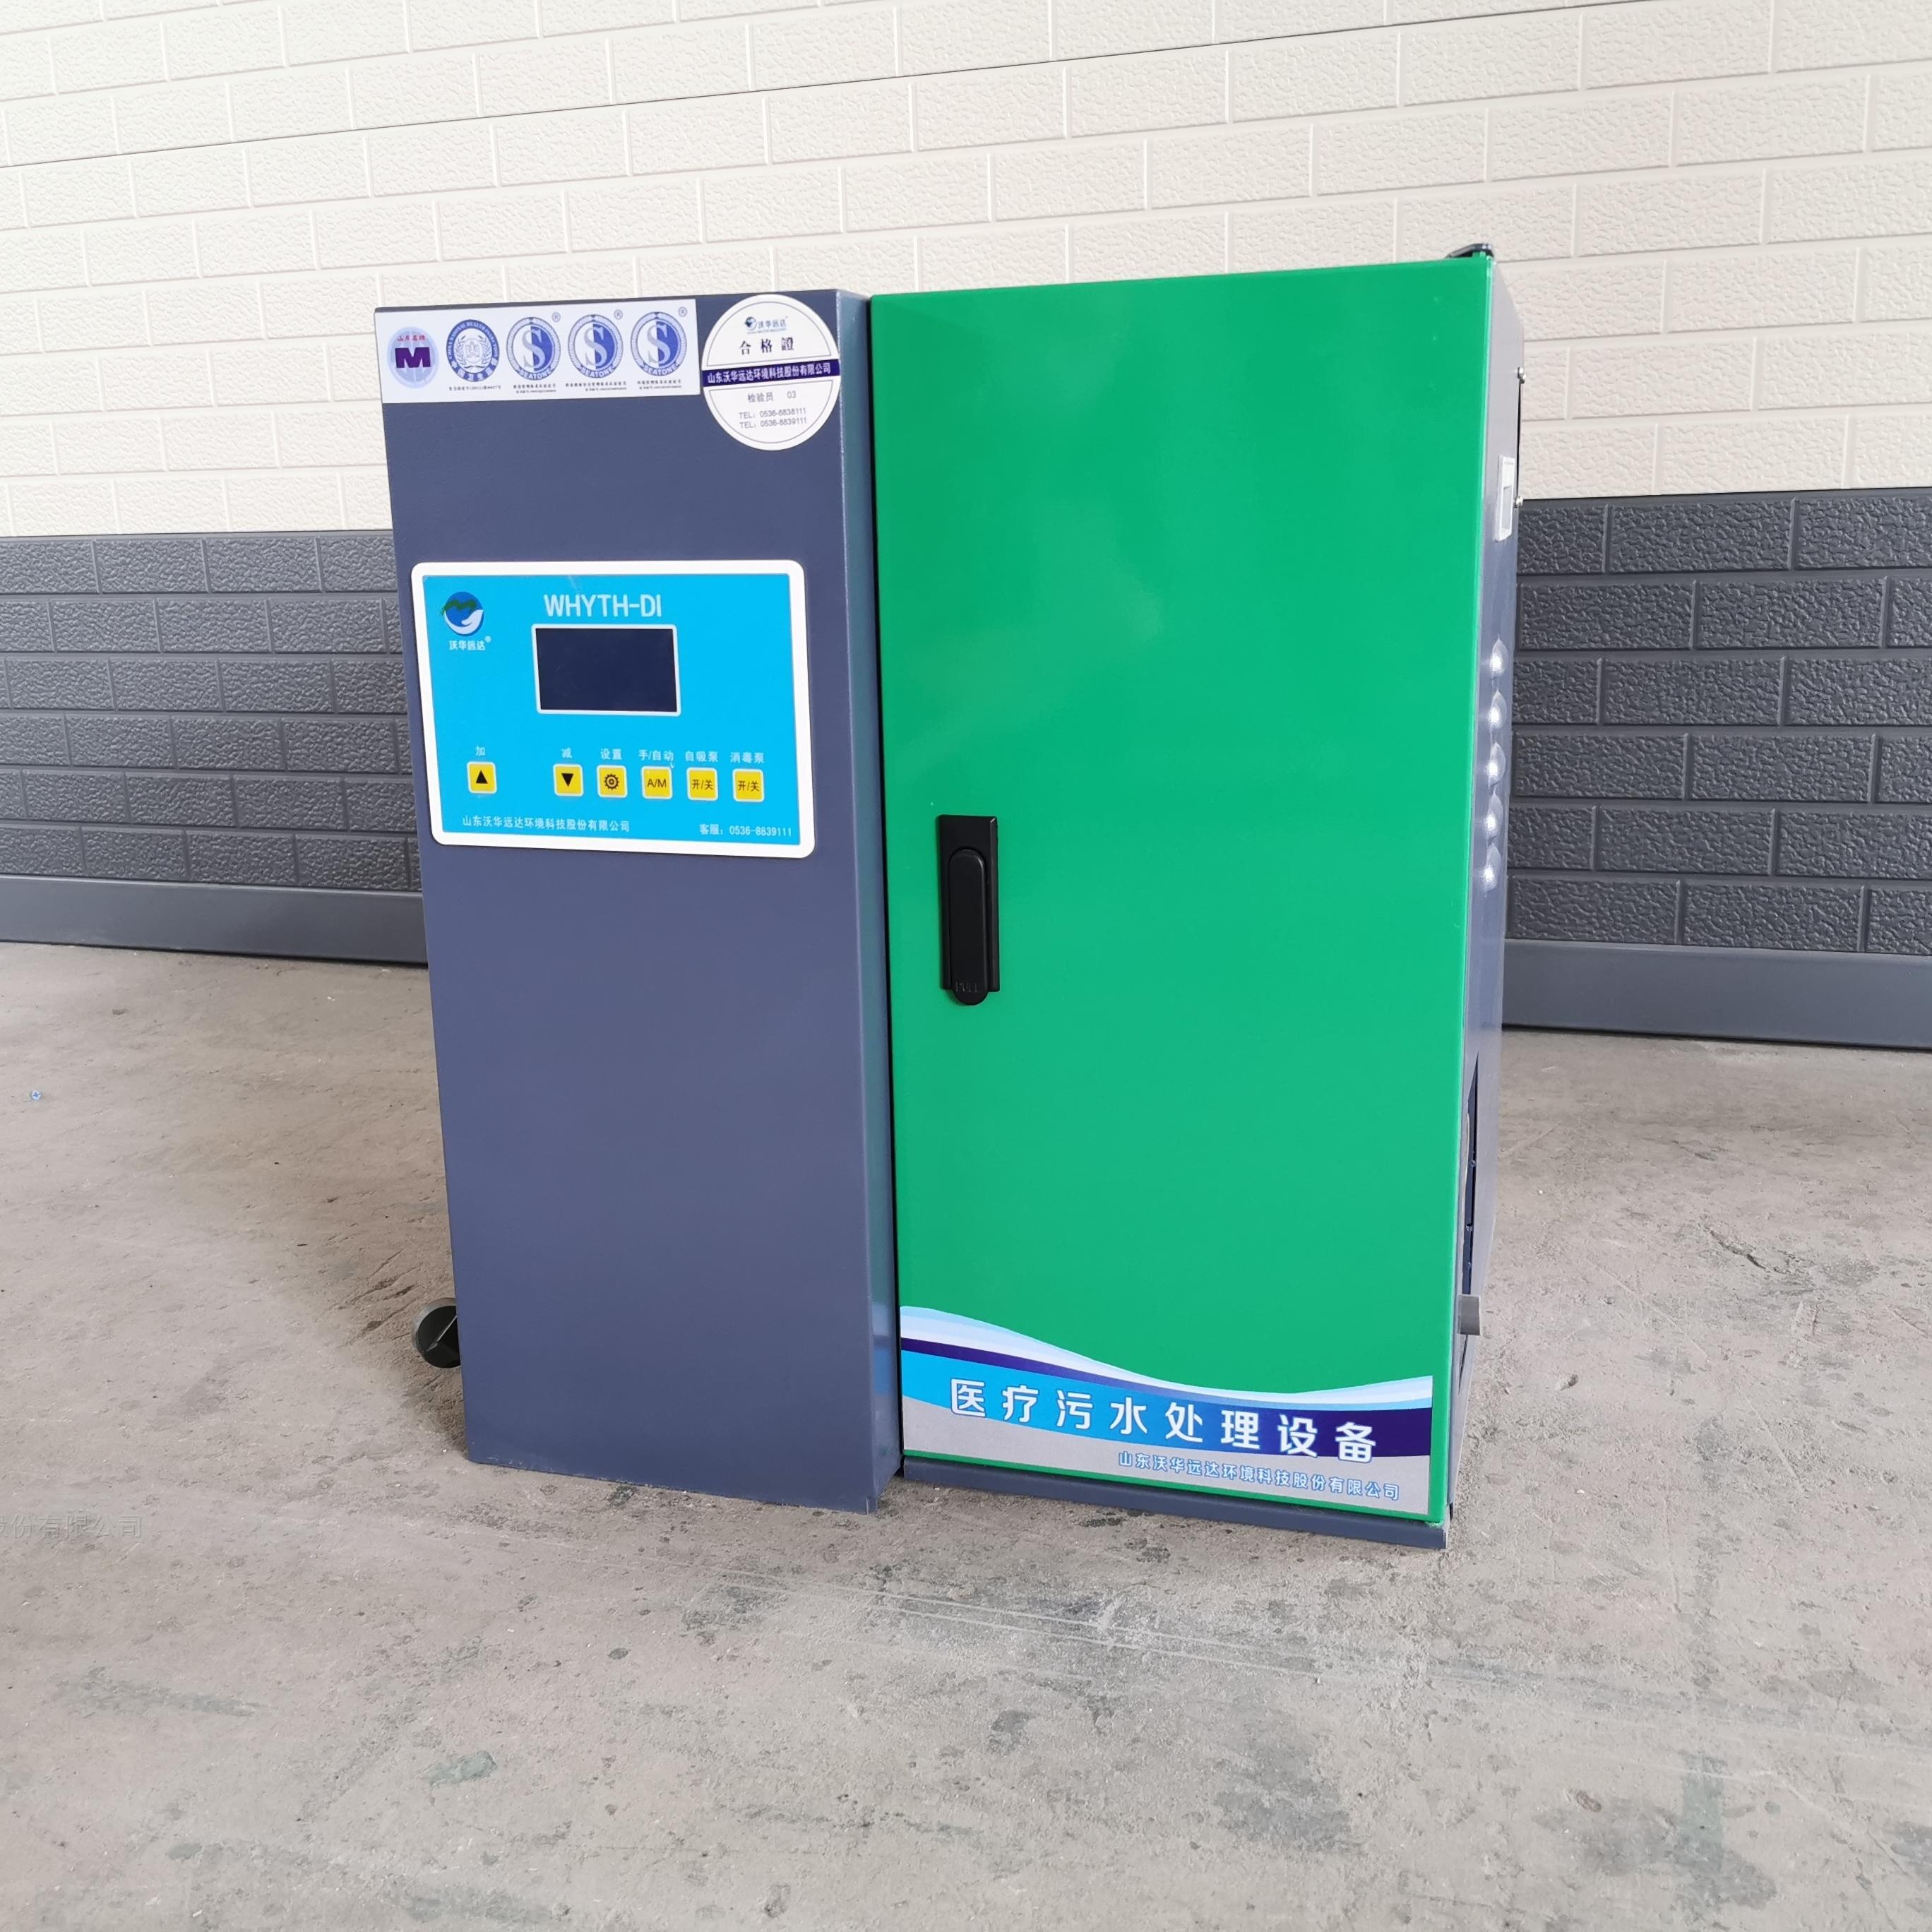 洛阳门诊污水处理设备